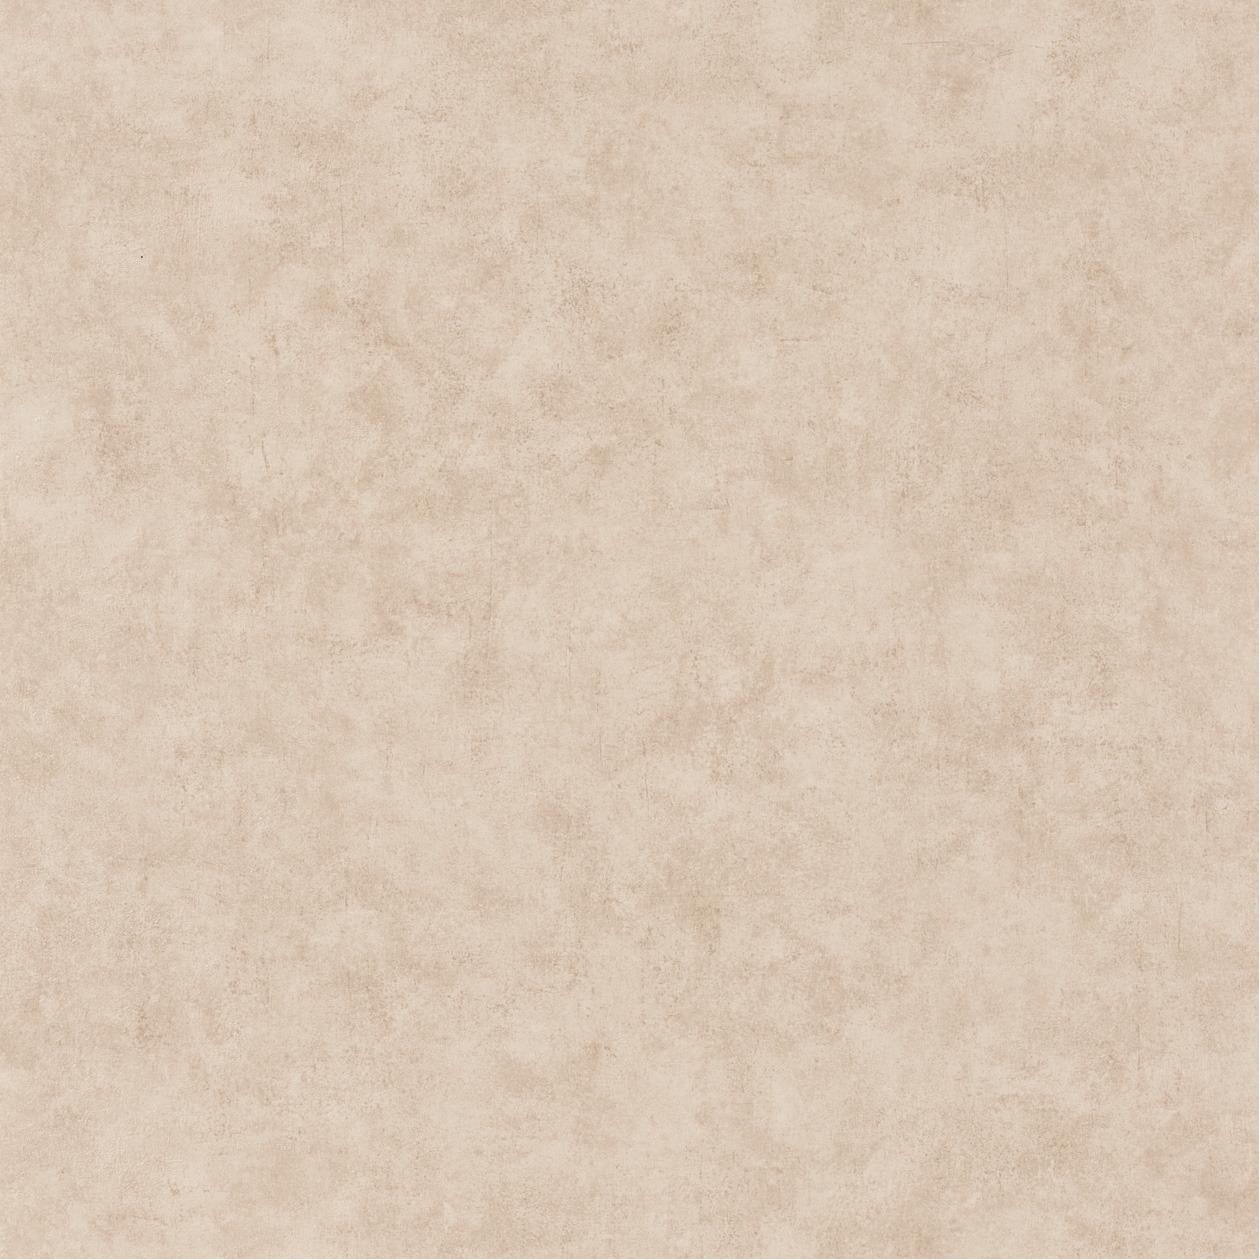 Обои Caselio Beton 0,53 см. 101481156